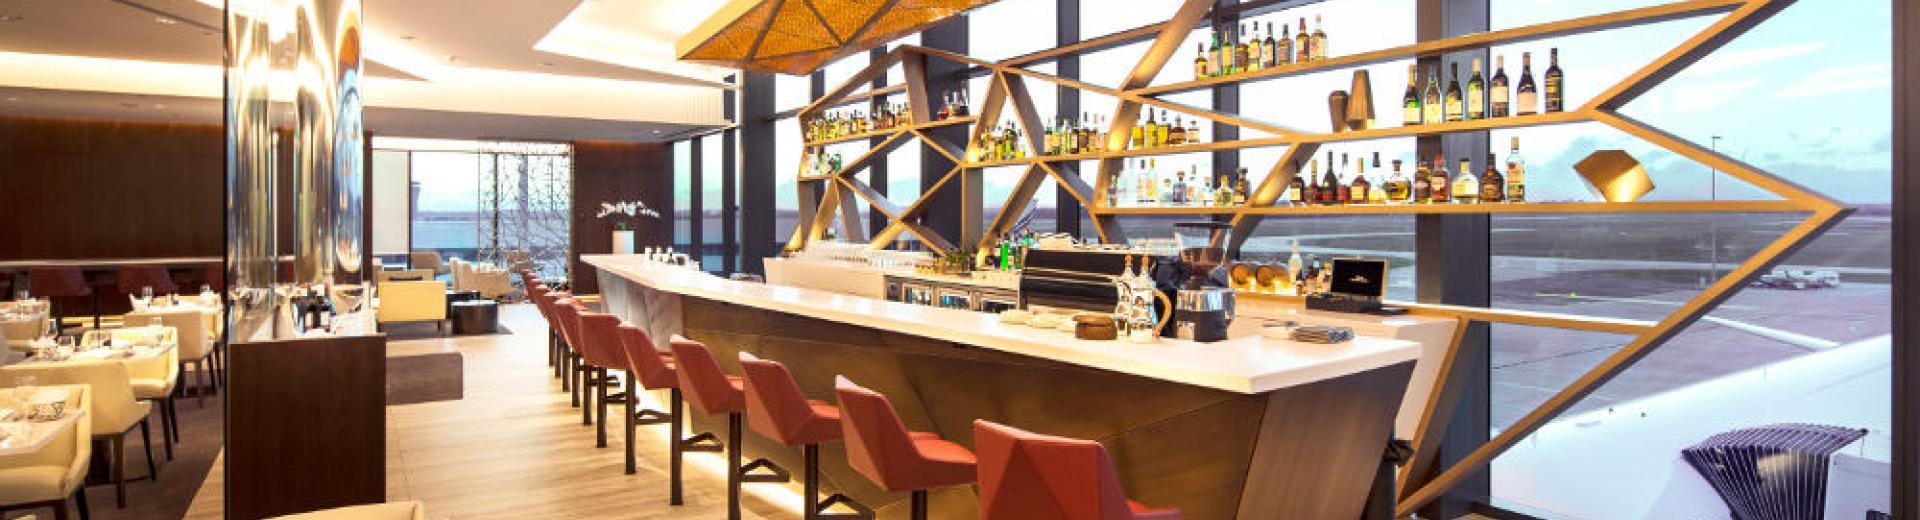 etihadlounge bar